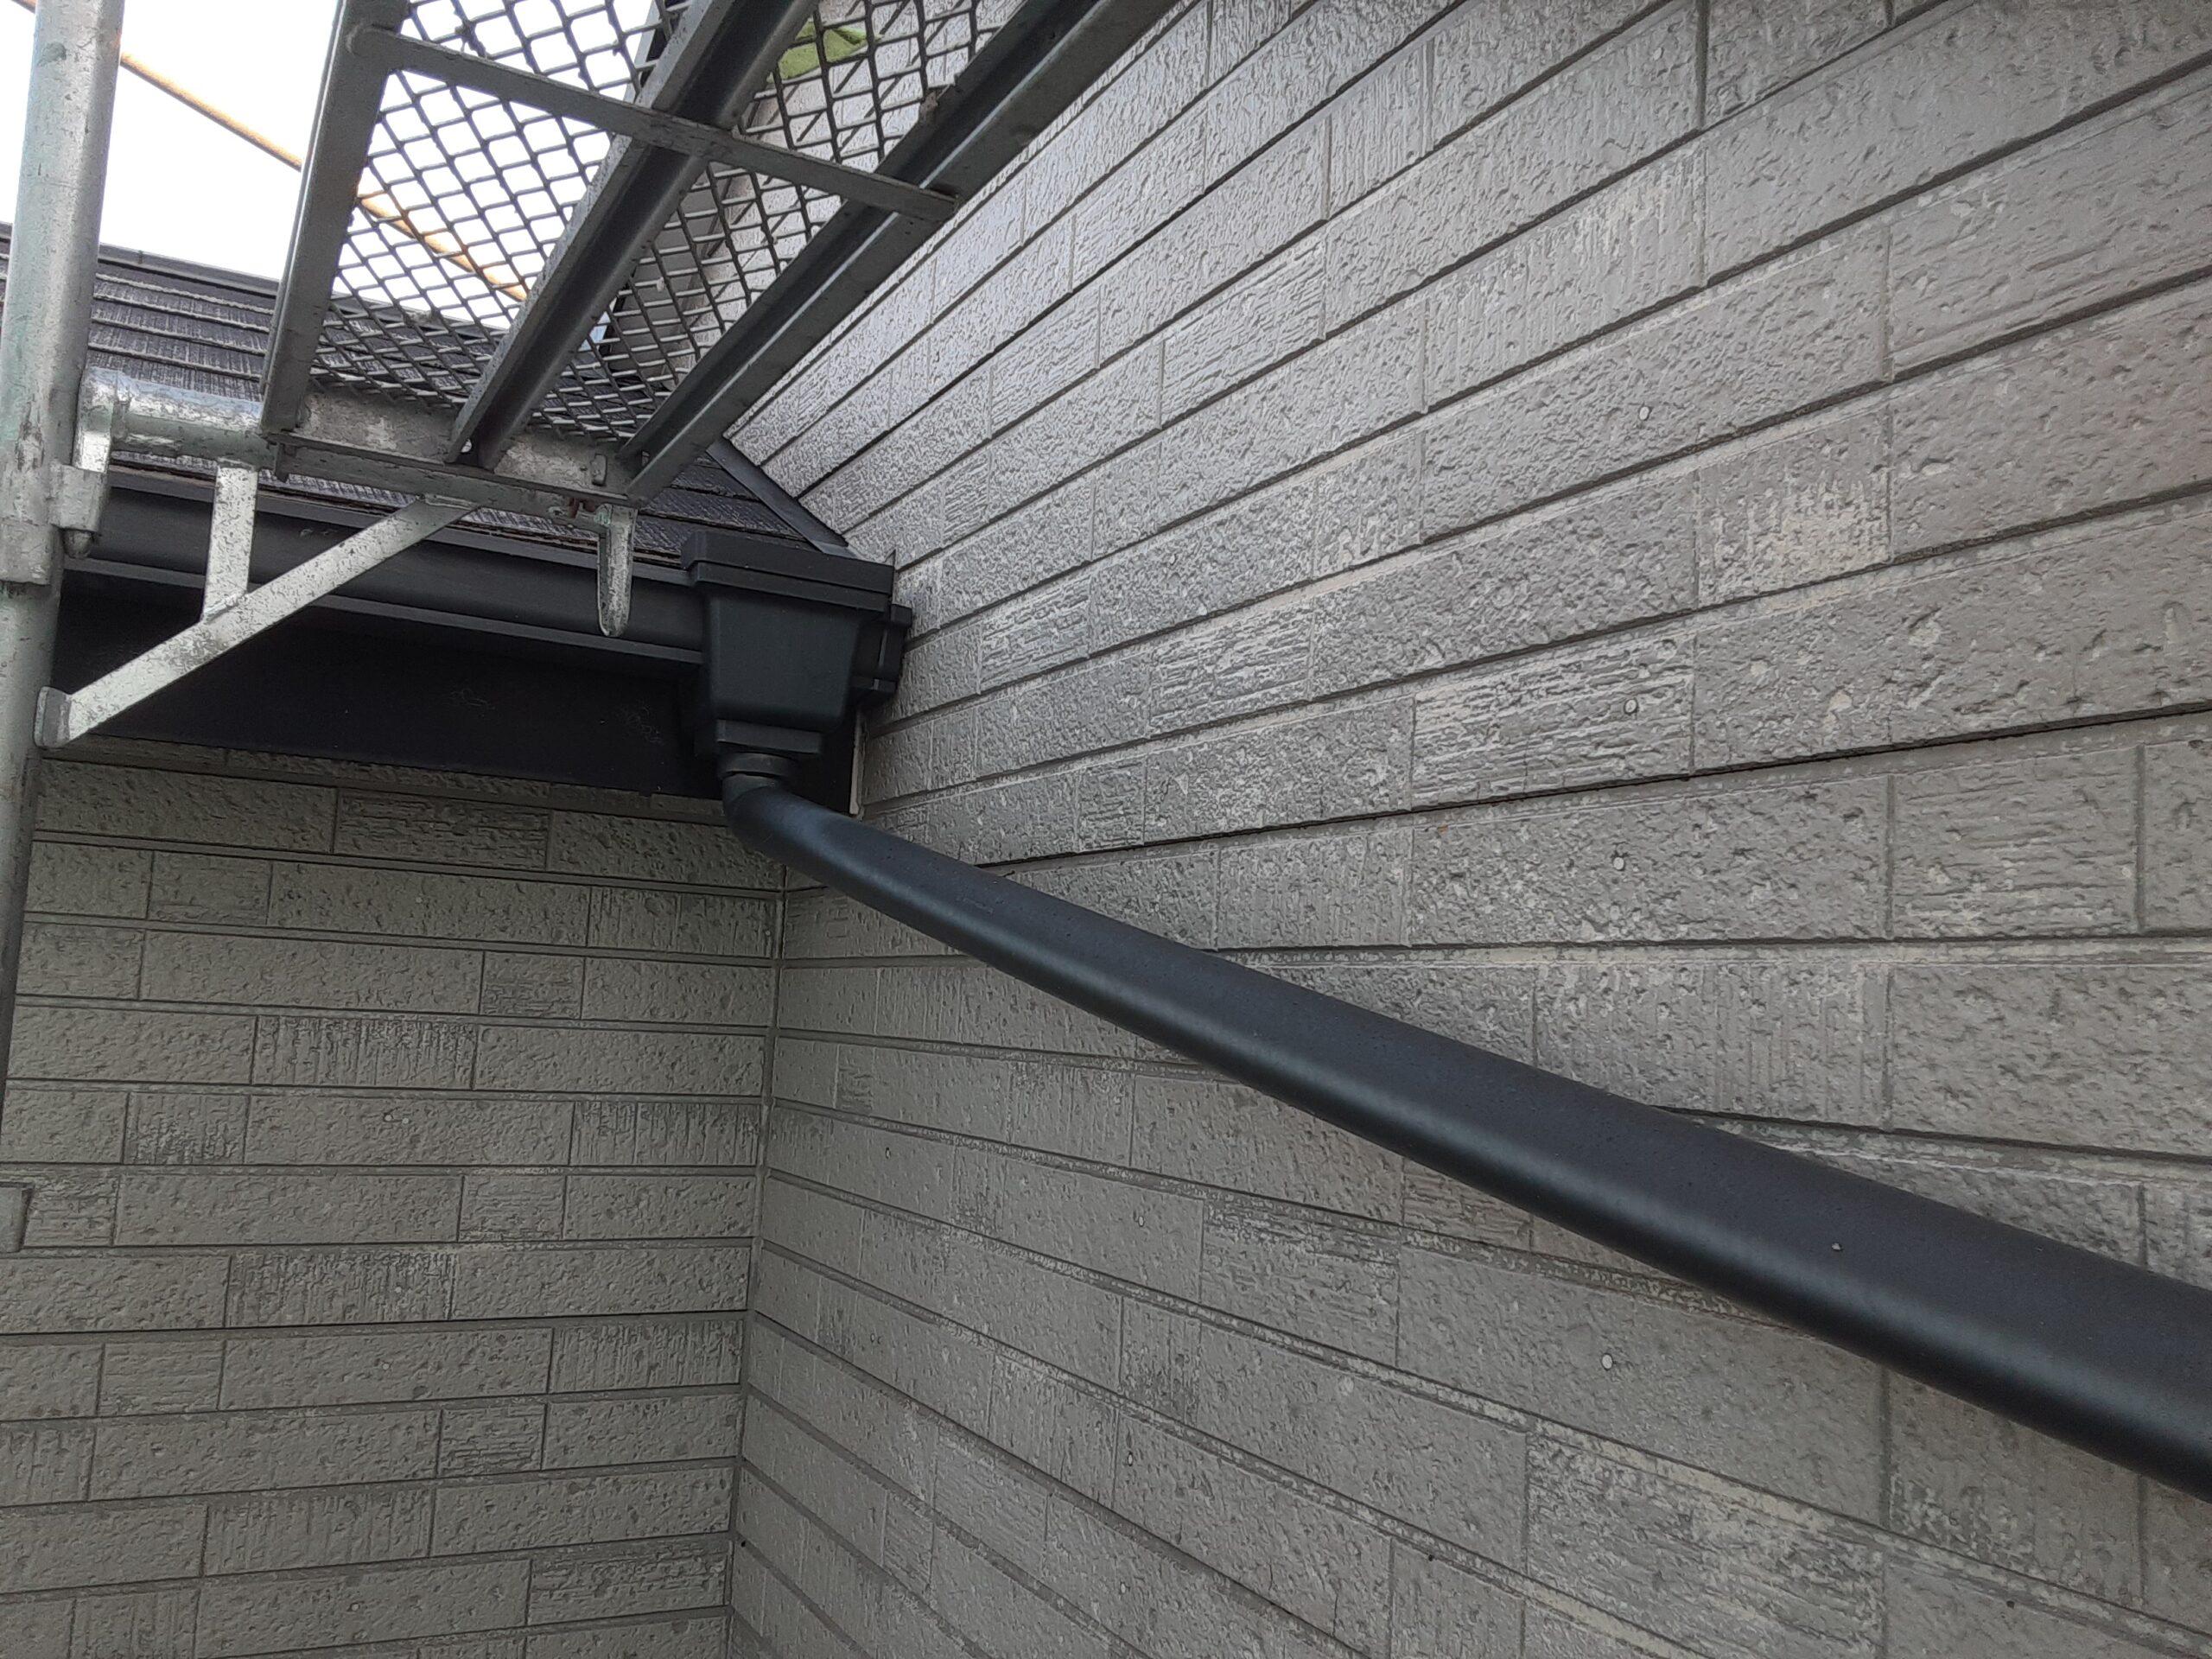 埼玉県さいたま市 屋根、外壁の高圧洗浄/さいたま市岩槻区の(木造2階建て)K様邸にて塗り替えリホーム中